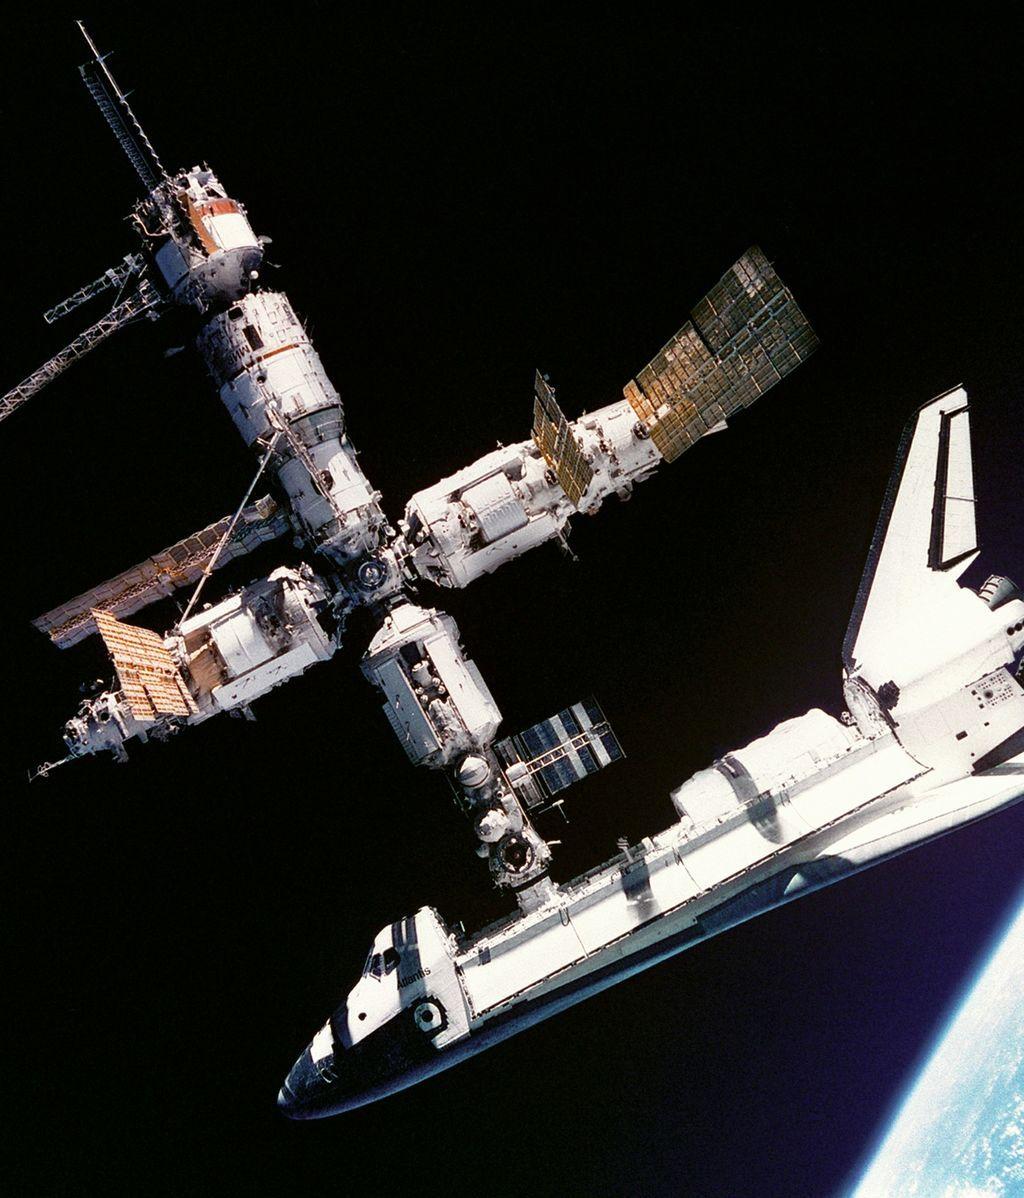 atlantis-space-shuttle-619890_1920